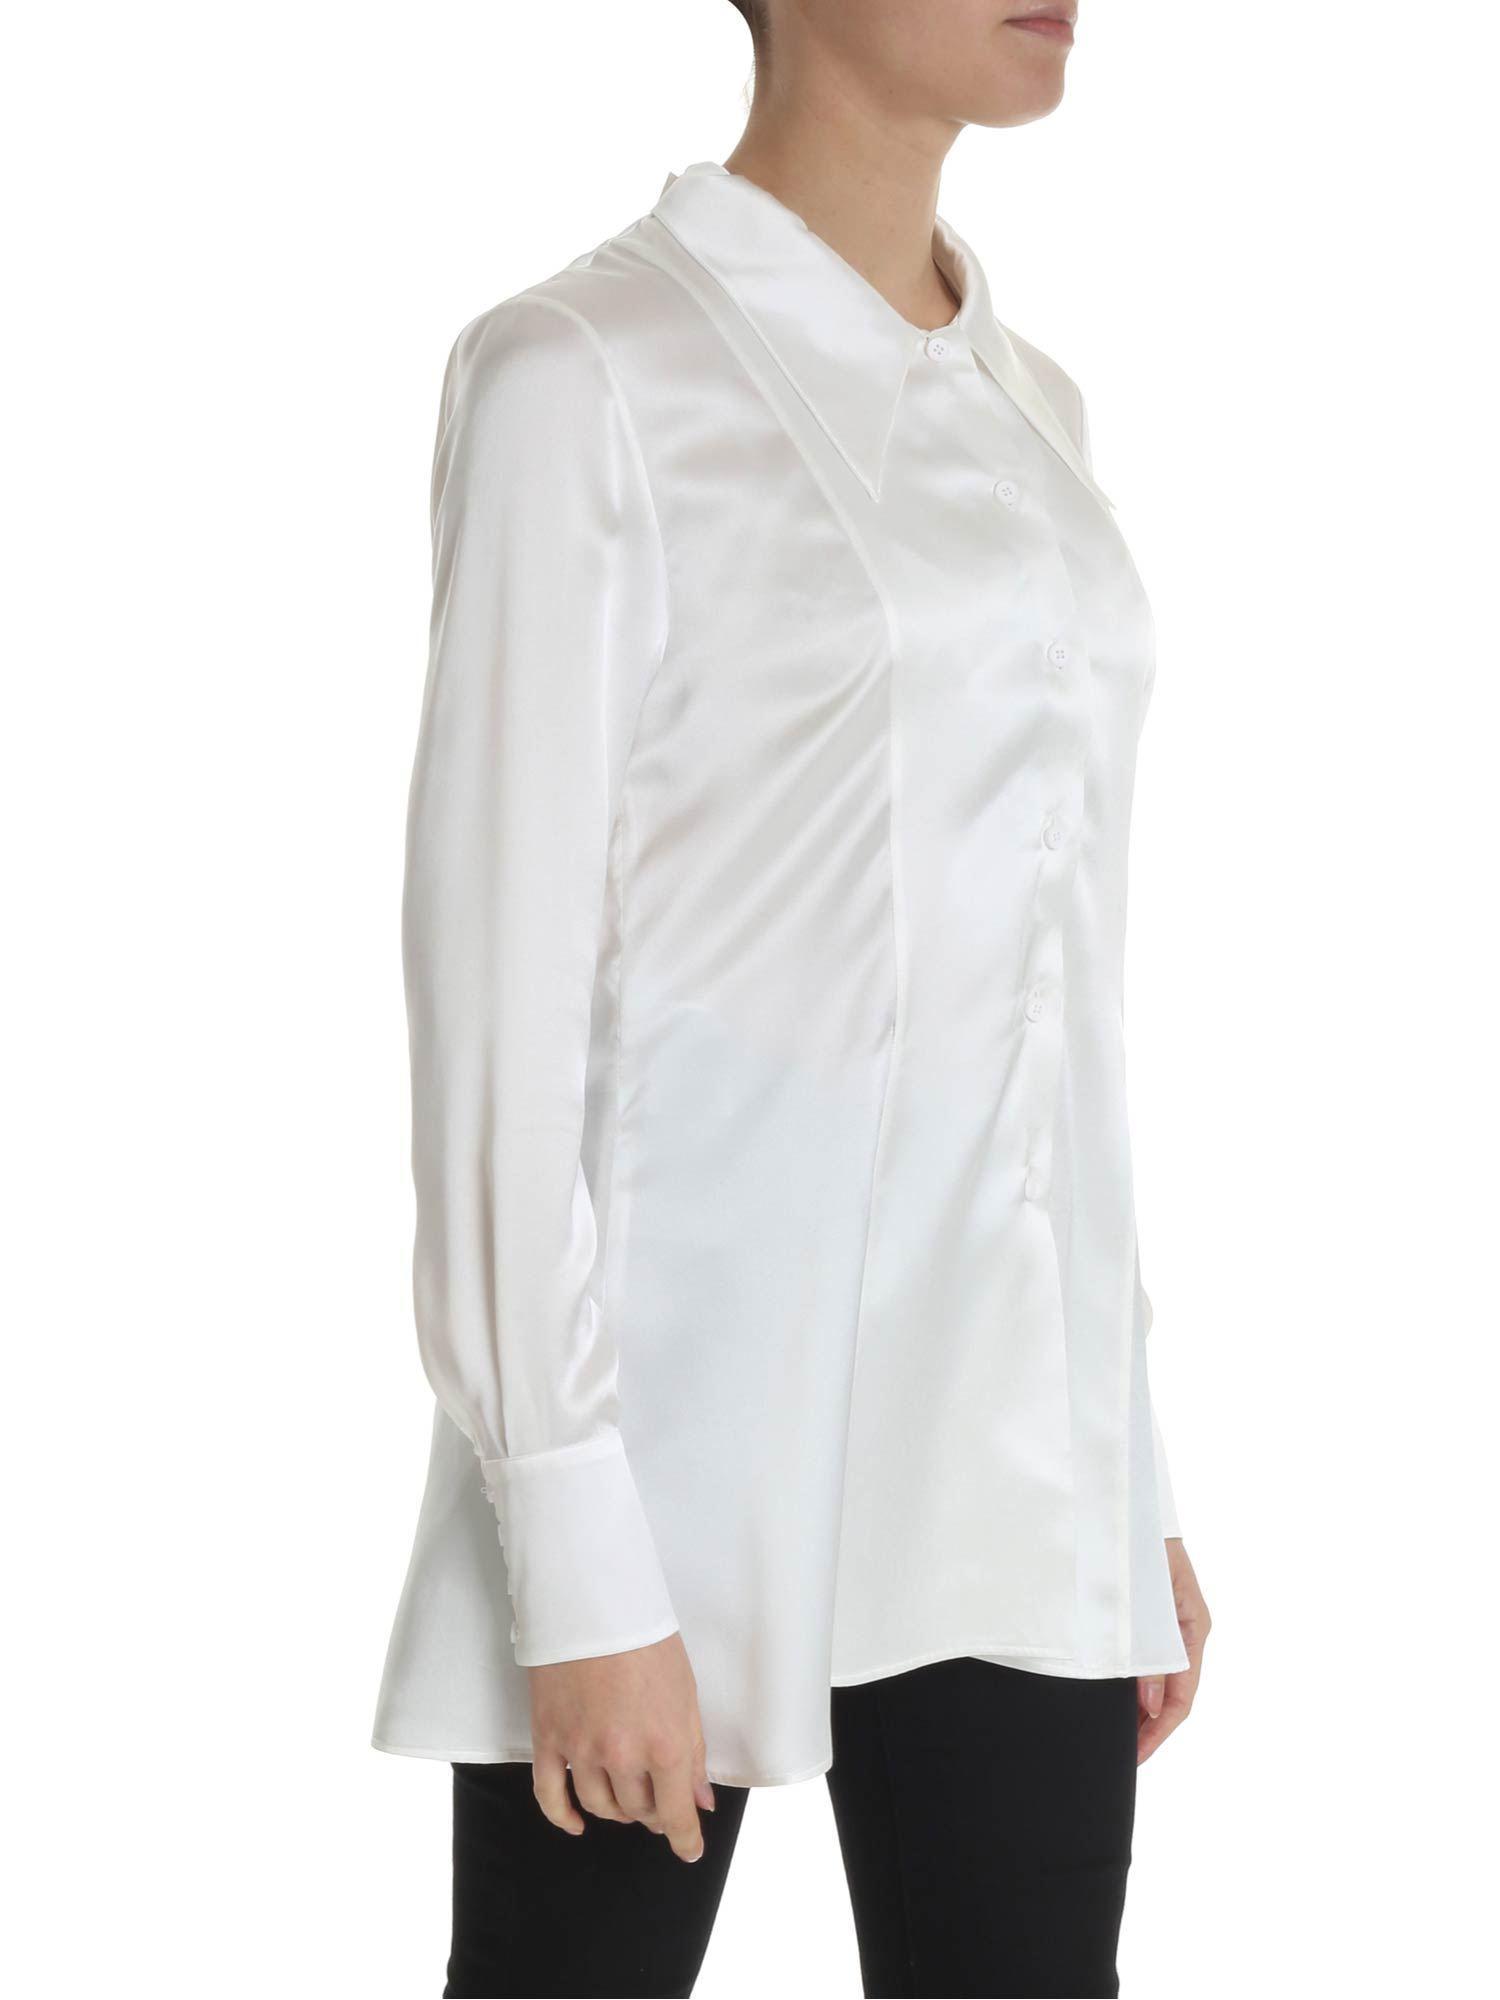 e1b4a40341e8a7 Maison Margiela - Shirt In White Silk With Lace - Lyst. View fullscreen